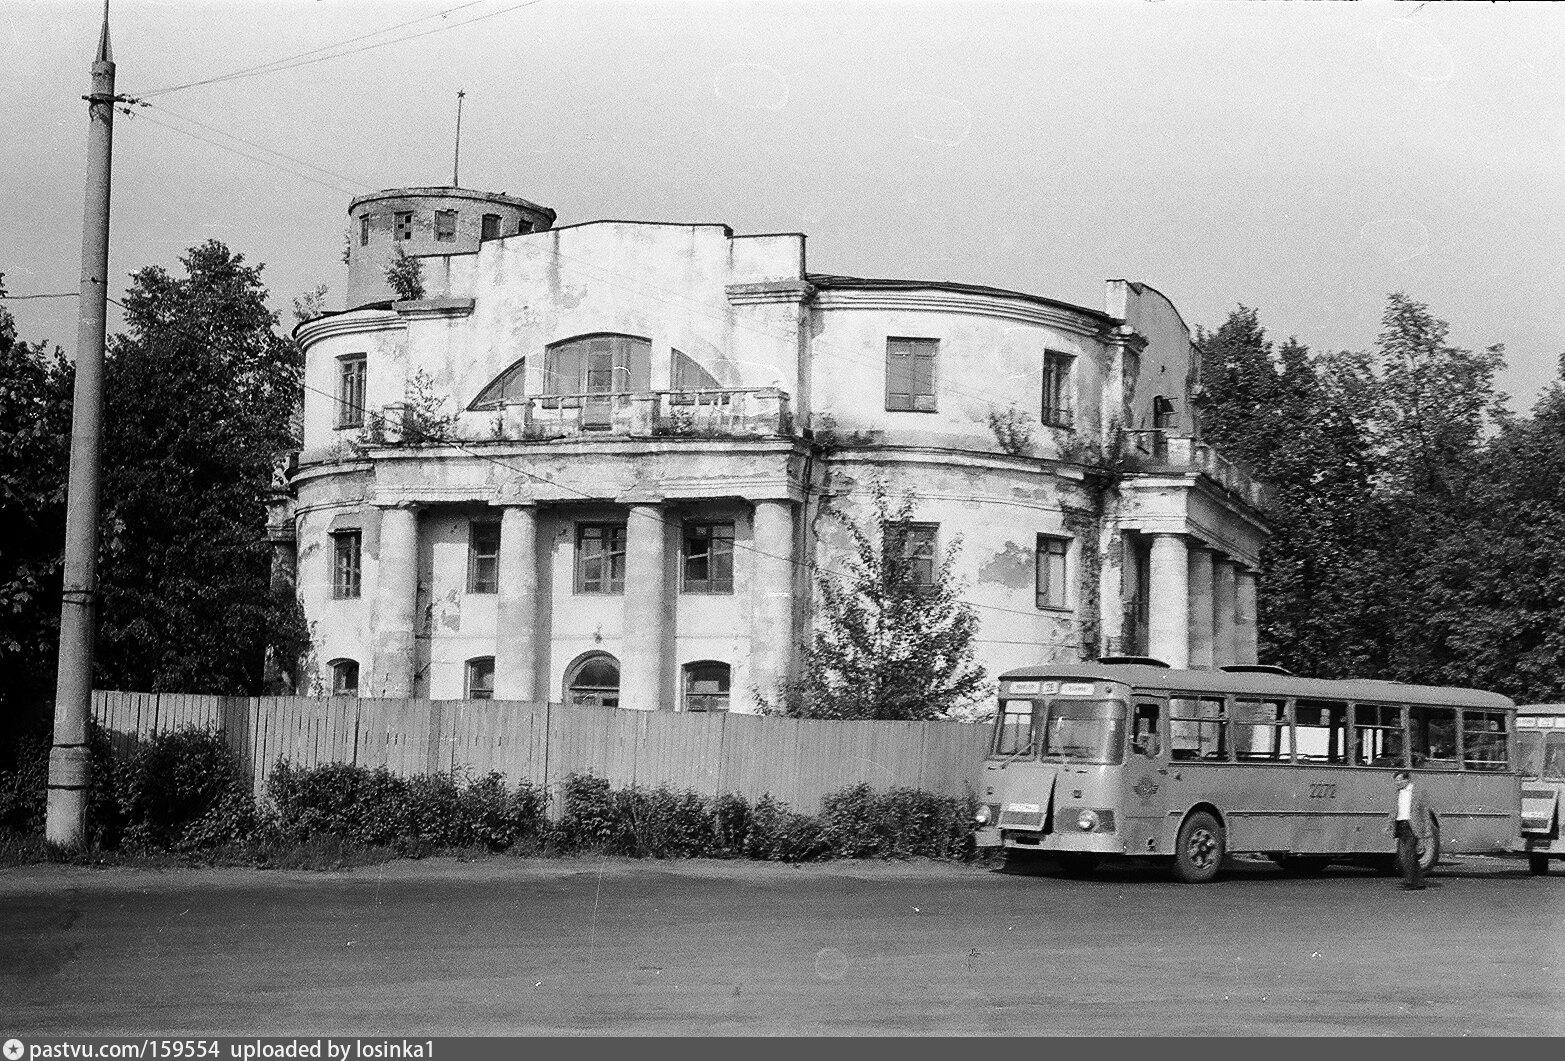 Закрыт в 1929 году. Перестроен. Снесена колокольня. Вместо купола coopужён третий этаж с балконами на месте фронтонов. Прорублены новые окна. В разное время в здании было общежитие, контора научного института, диспетчерская конечной остановки 29 автобуса, столовая.